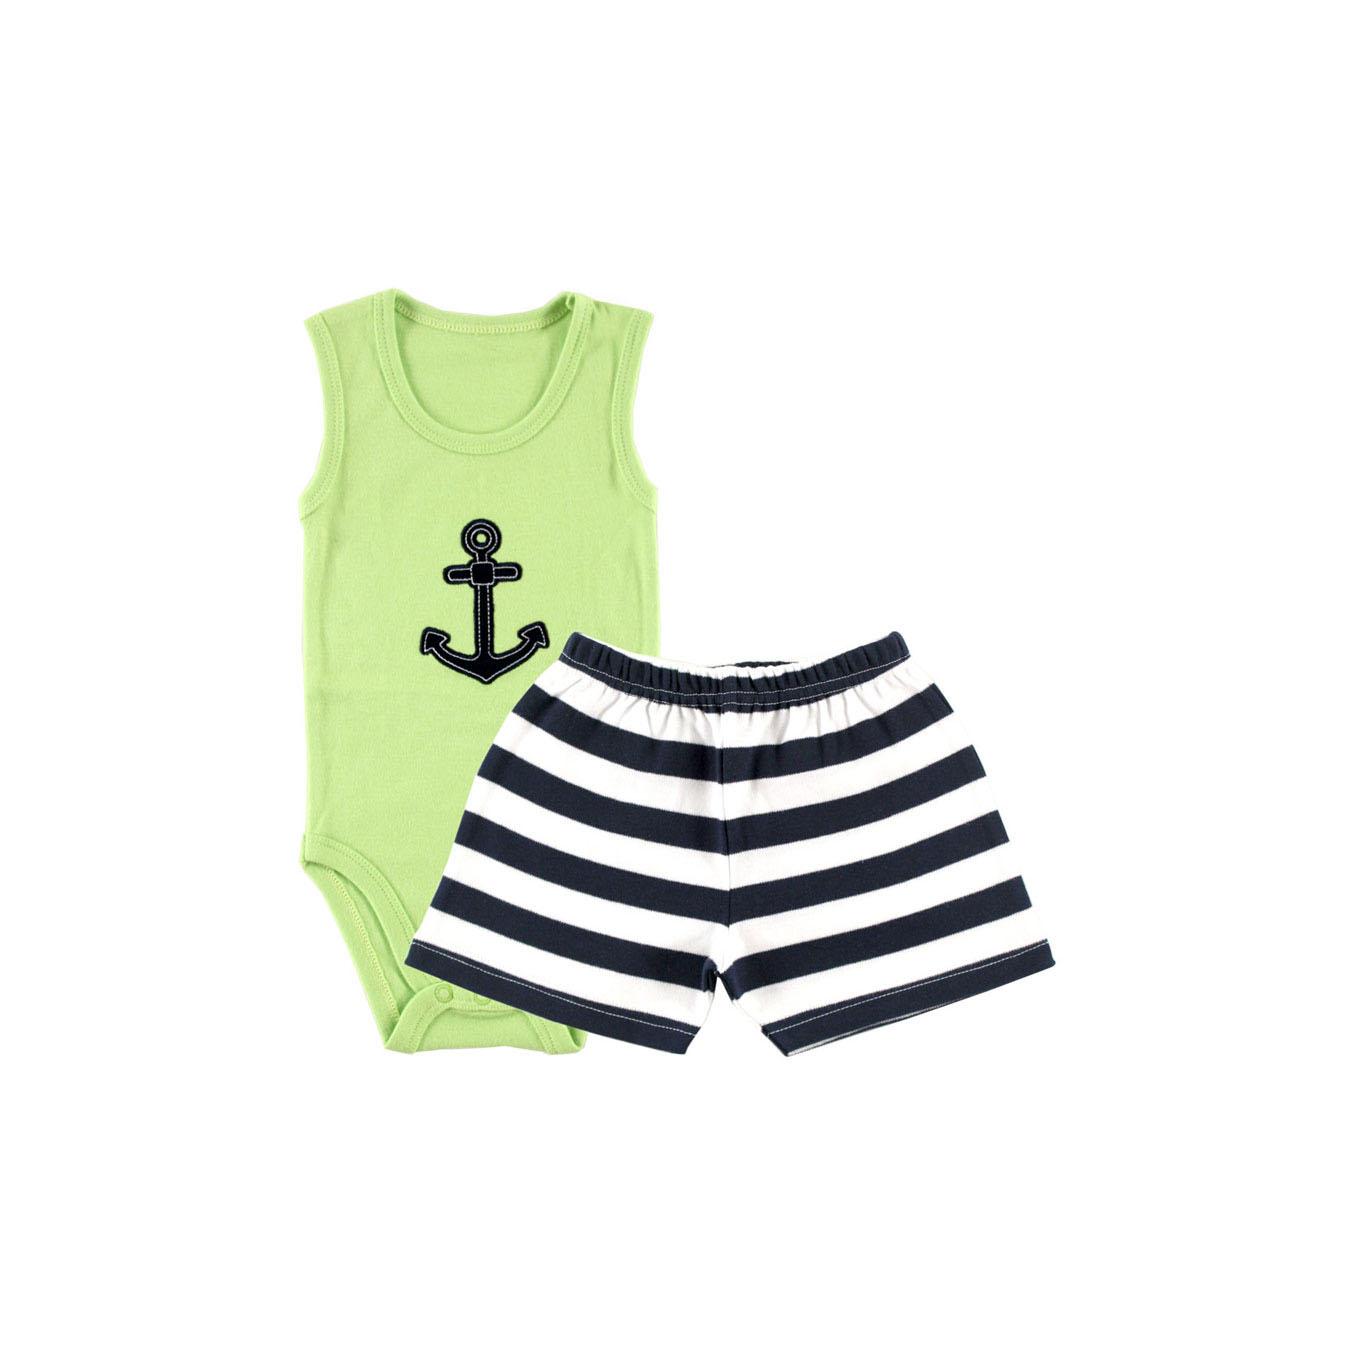 Комплект Hudson Baby Боди-майка и шорты Якорь, 2 пр., для мальчика, цвет зеленый 6-9 мес. (67-72 см)